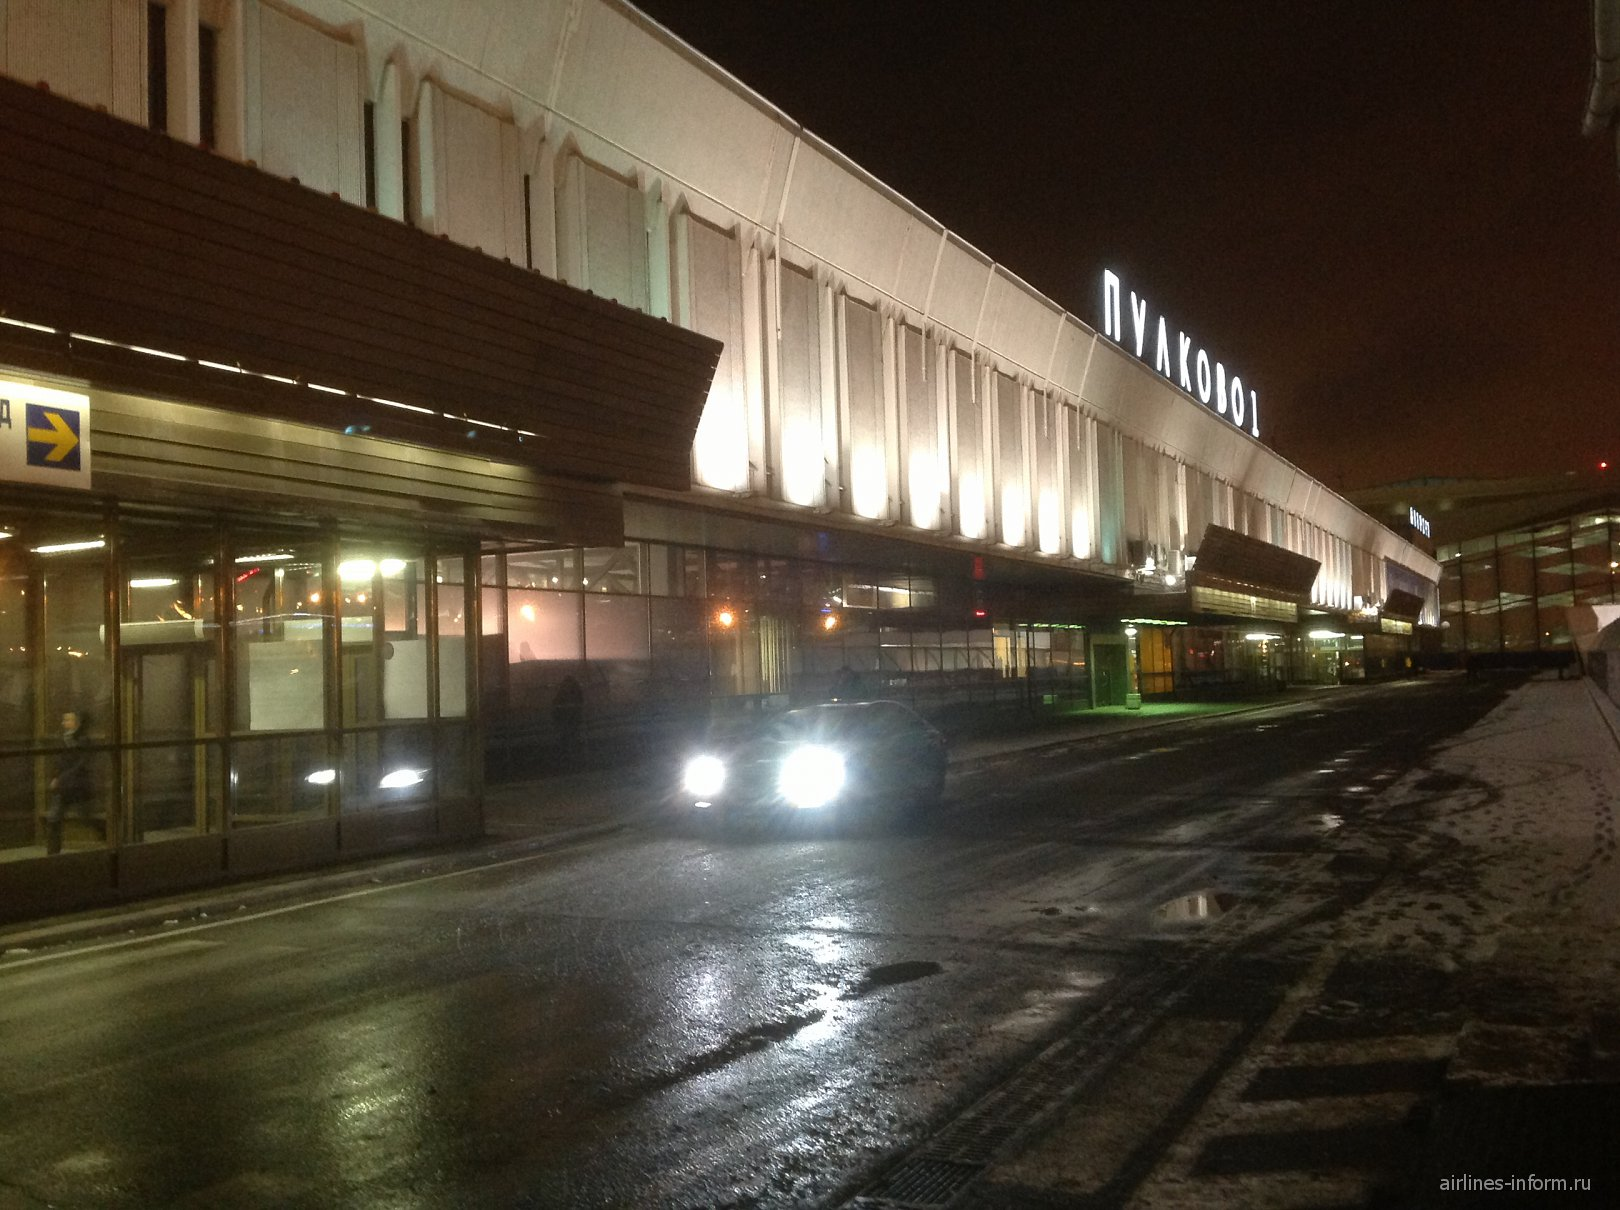 Терминал 1 в аэропорту Пулково